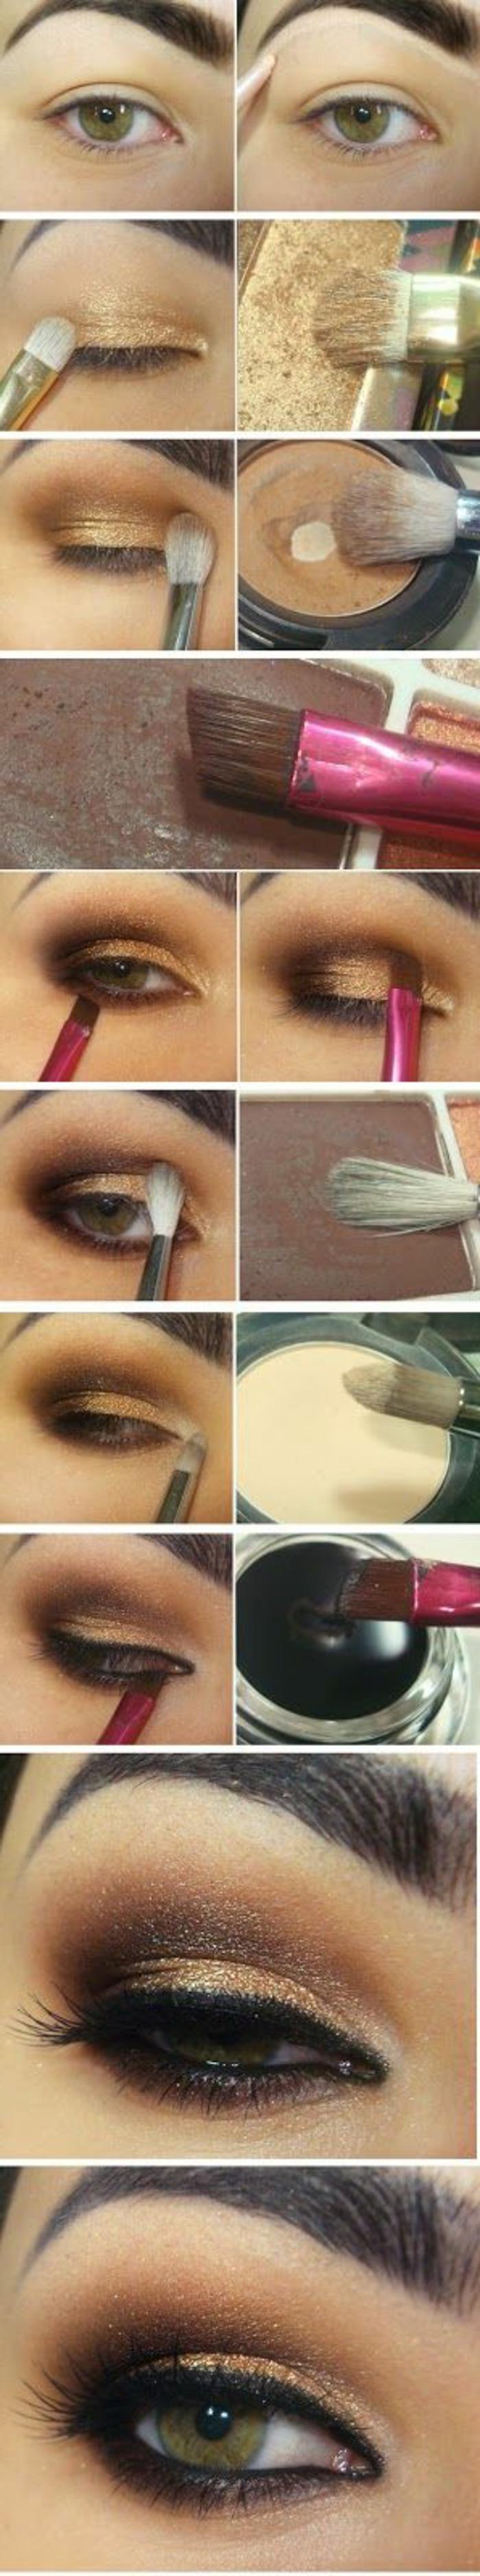 maquillage-doré-smokey-tuto-maquillage-doré-maquillage-gamme-chaude